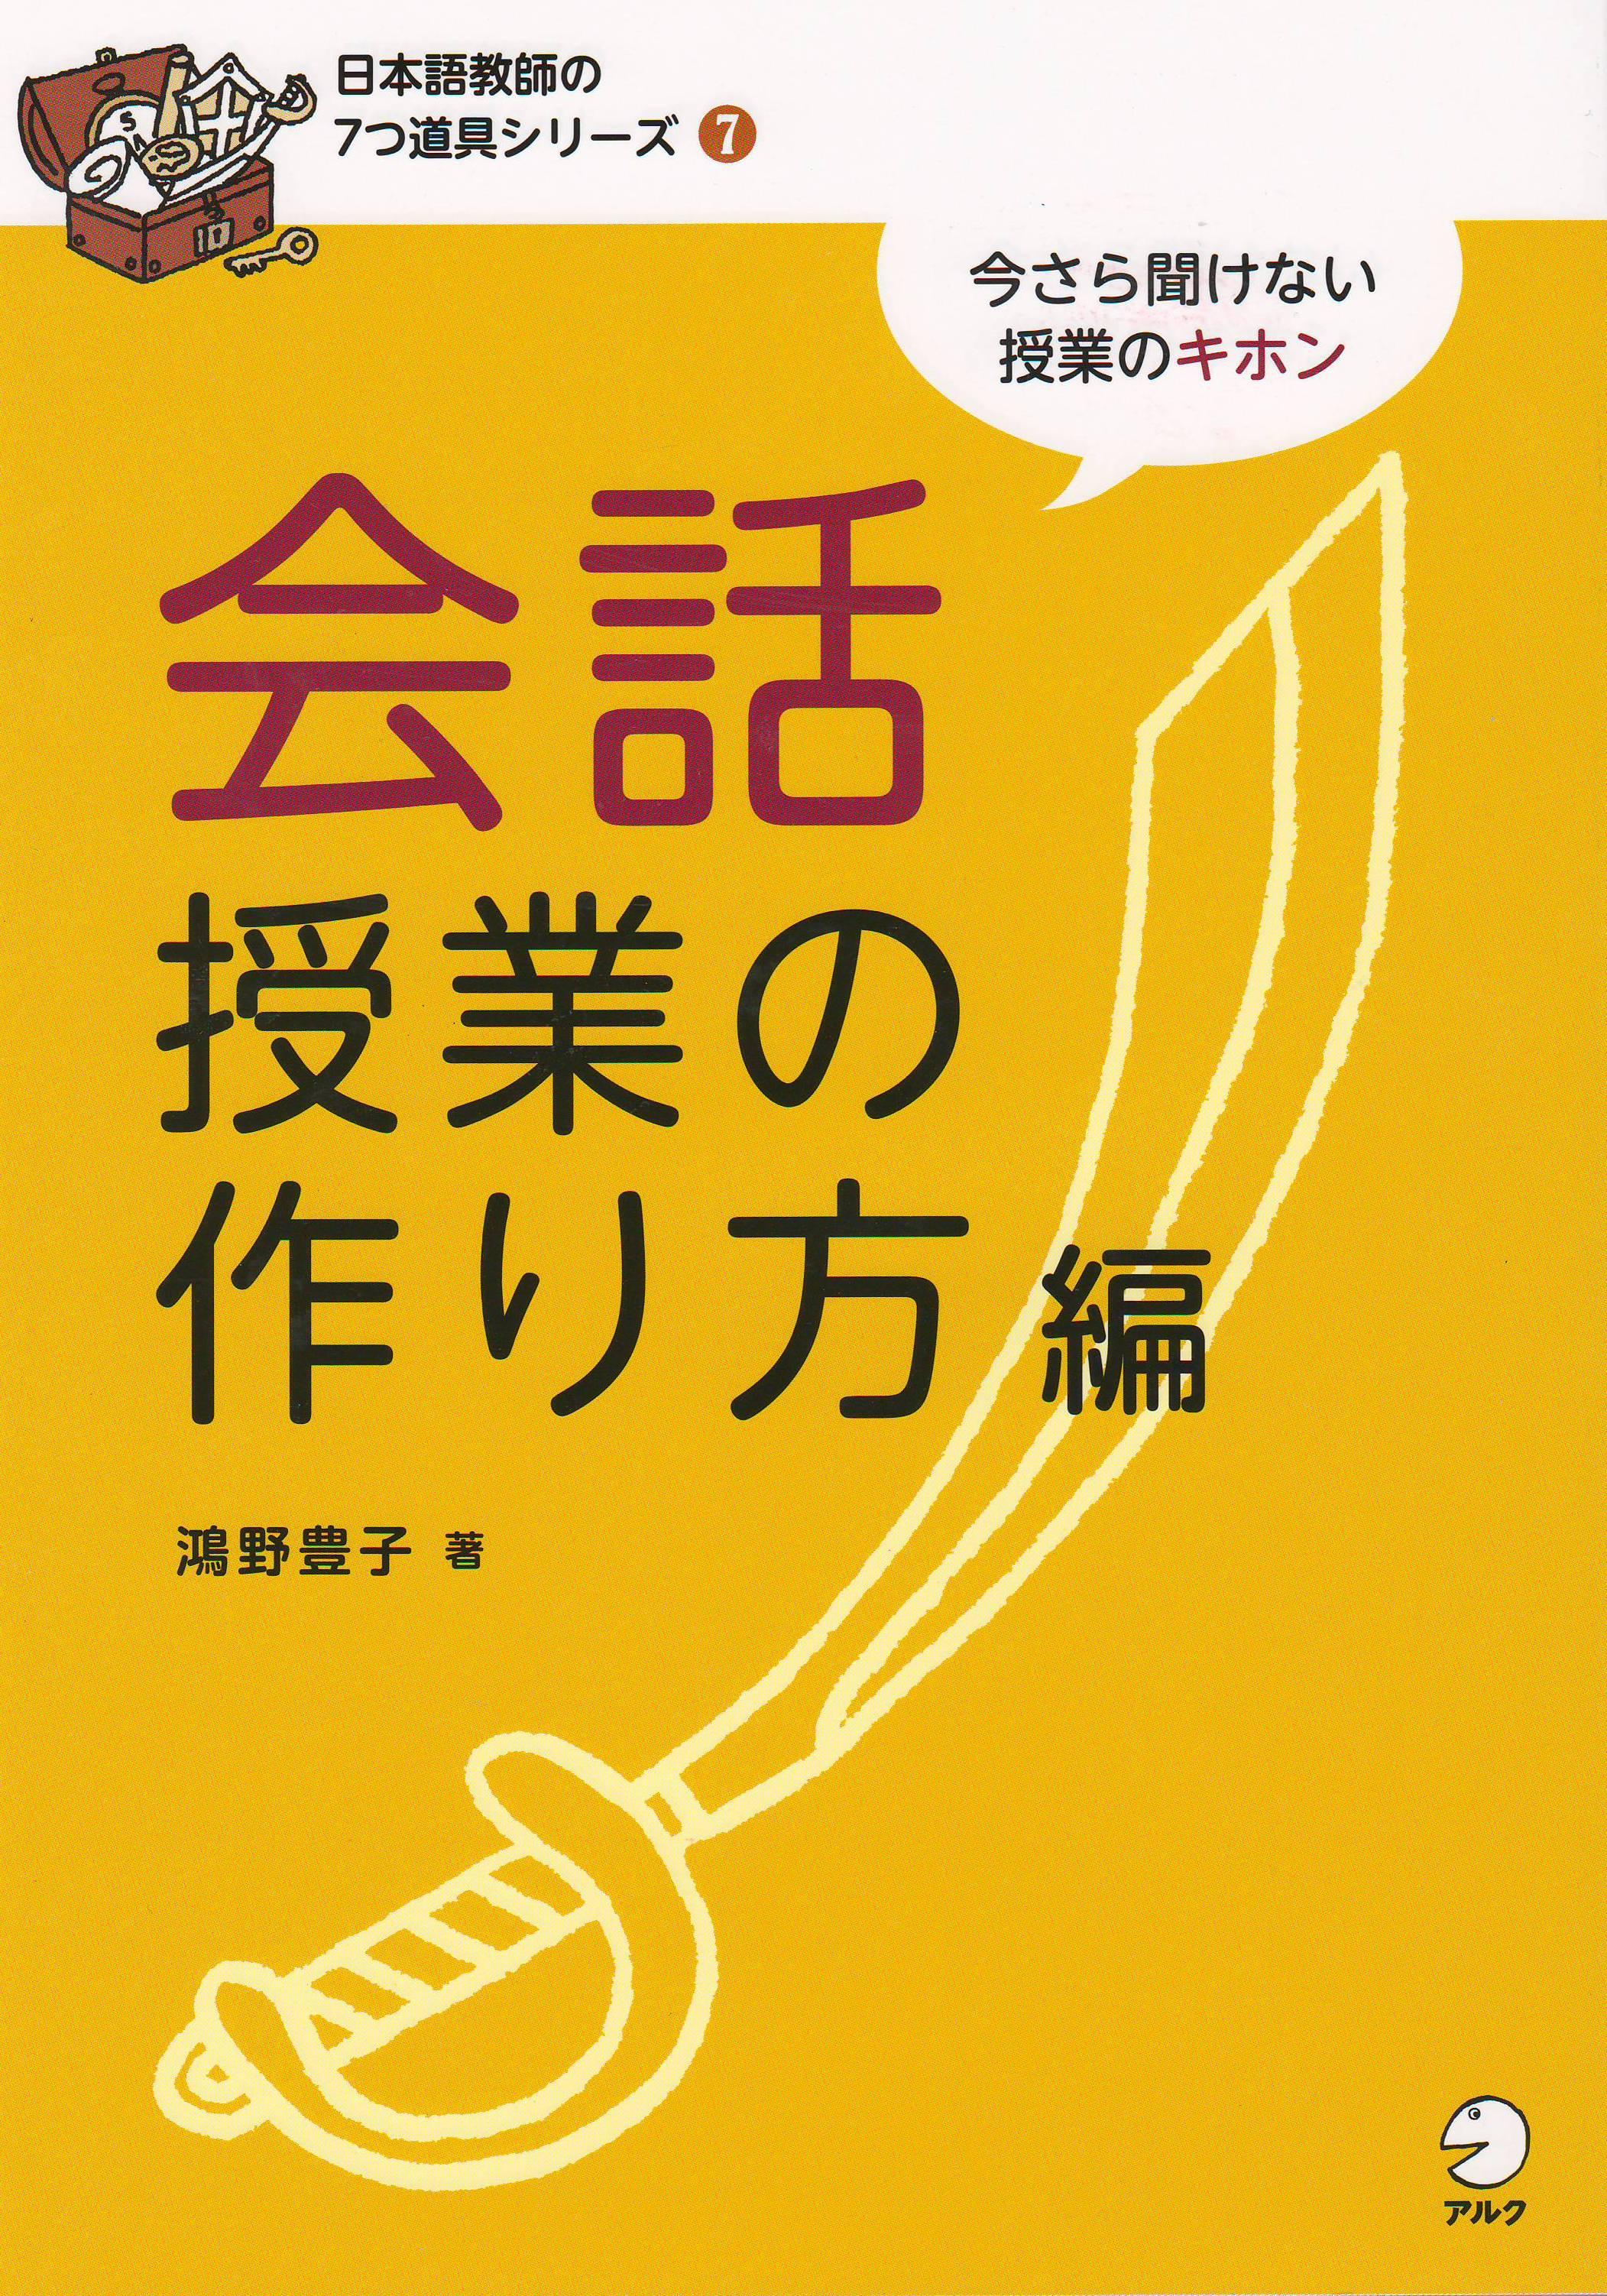 日本語教師の7つ道具シリーズ7 会話授業の作り方編画像